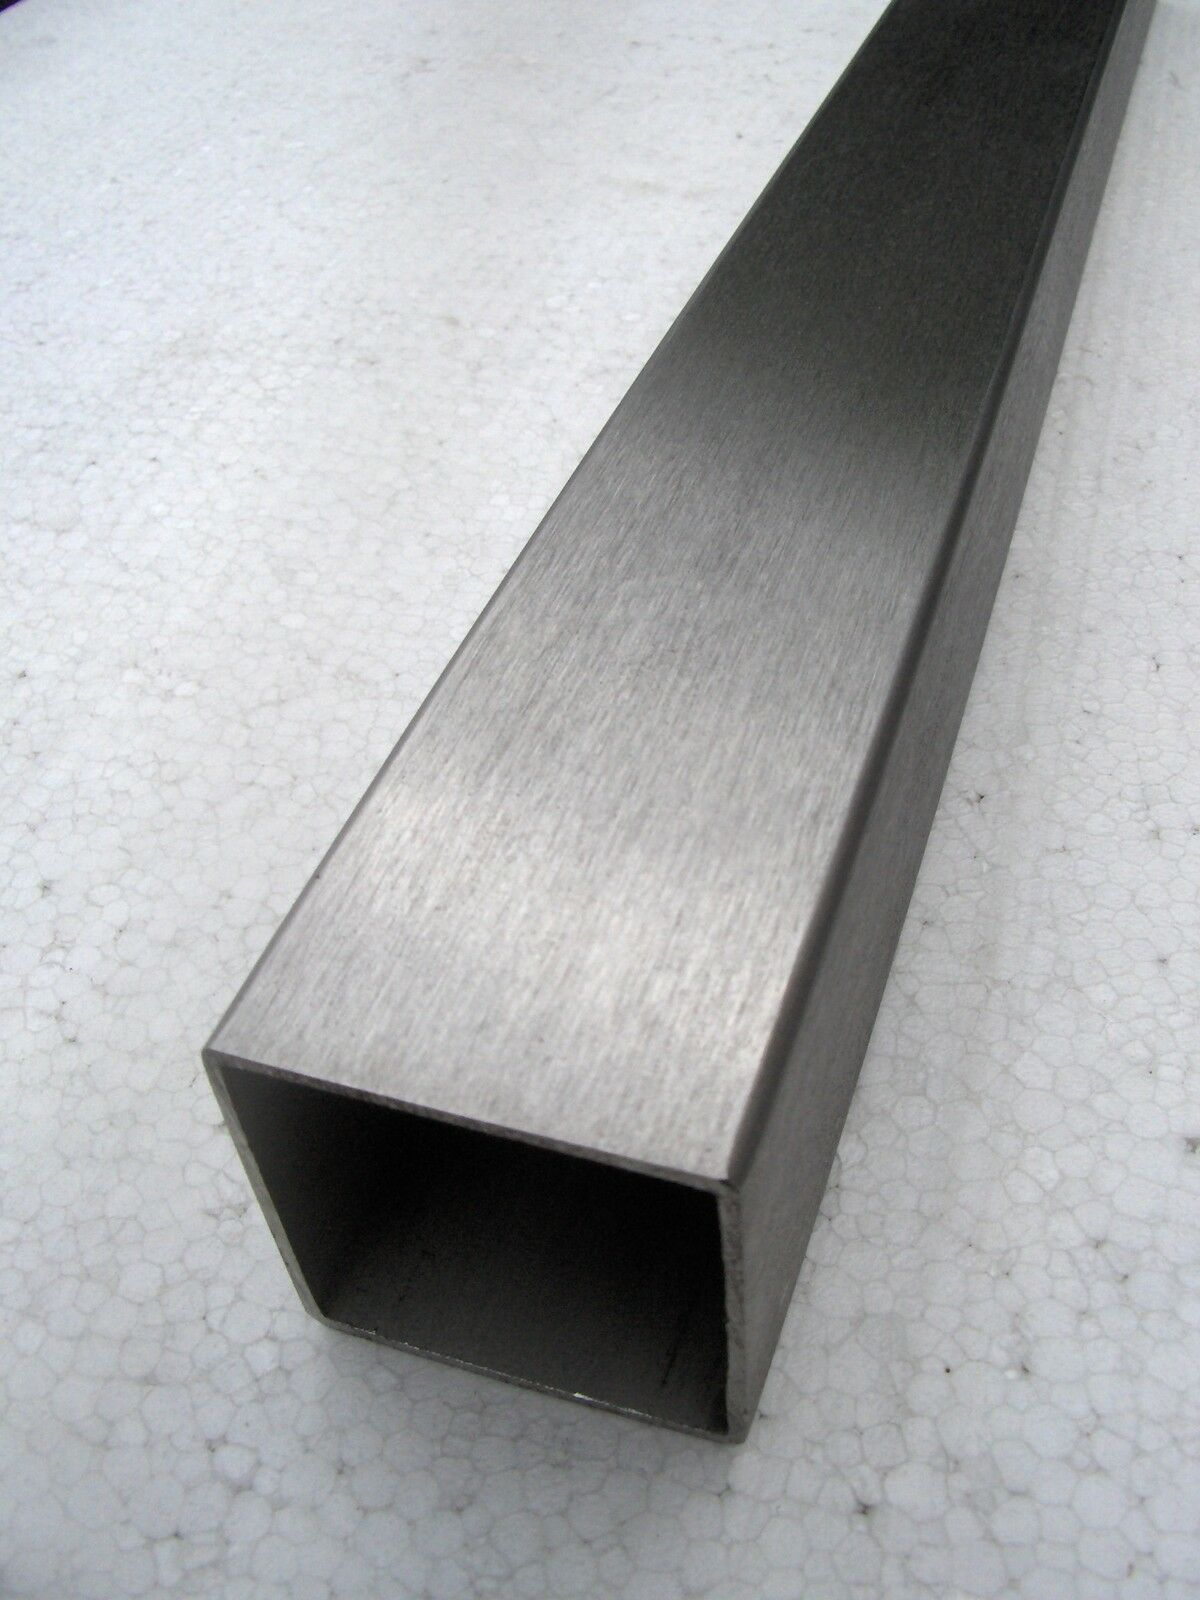 Acier inoxydable-tête carrée-tube-quadratrohr v2a 25 25 25 x 25 x 2,0 L = 1000 mm taillé k240 642c32